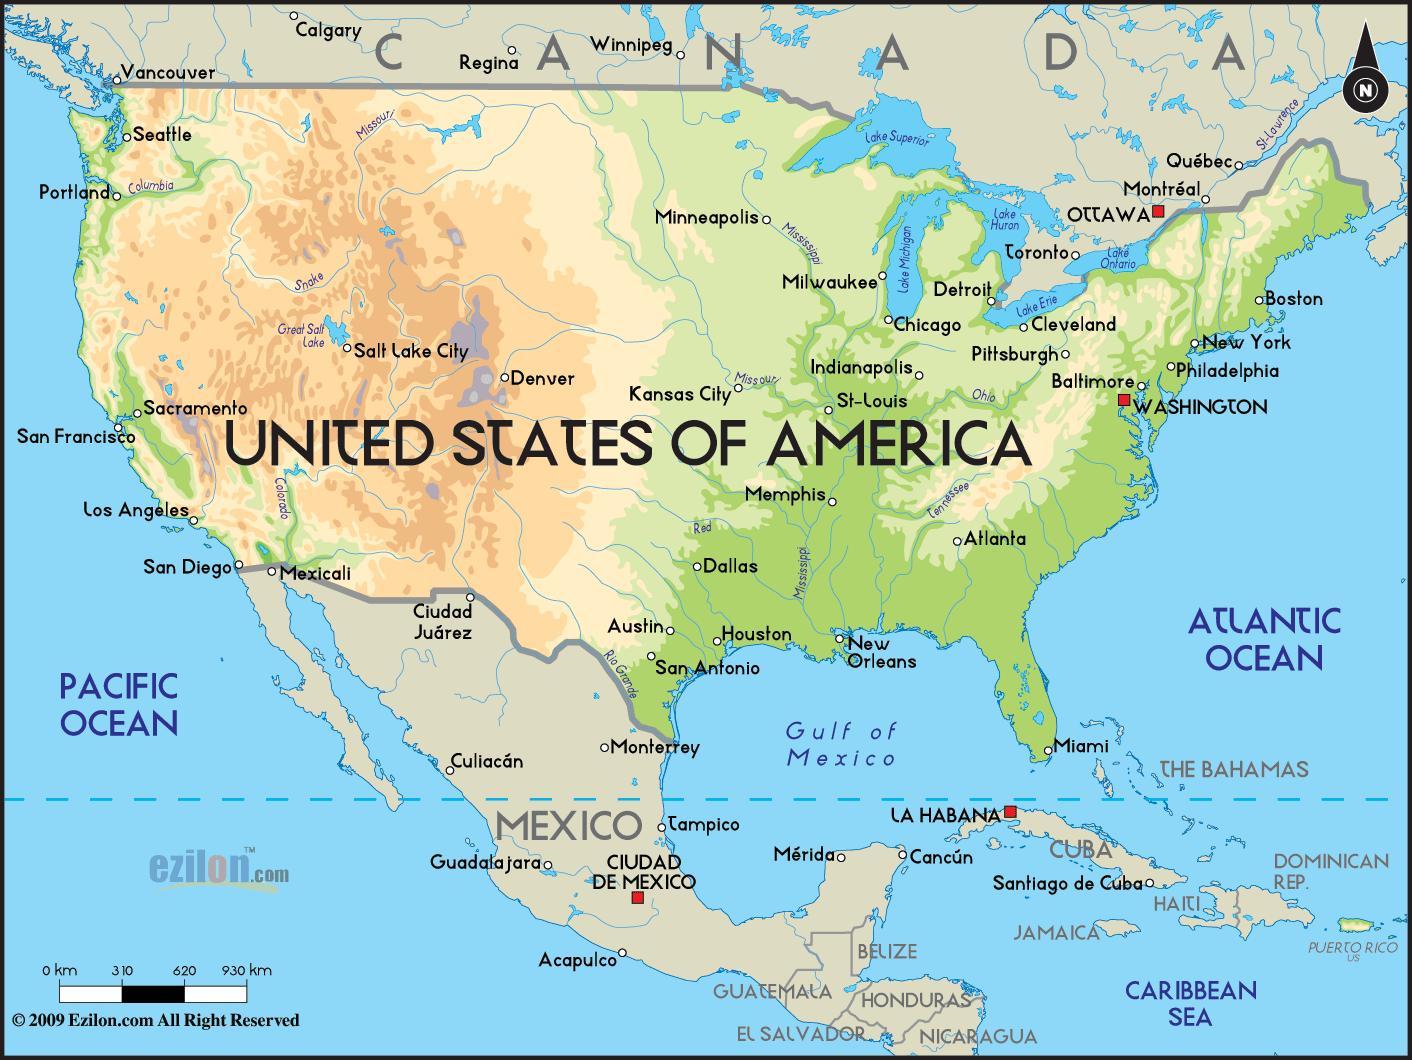 Amerikan Kartta Kuvia Yhdysvallat Kartta Kuvia Pohjois Amerikka